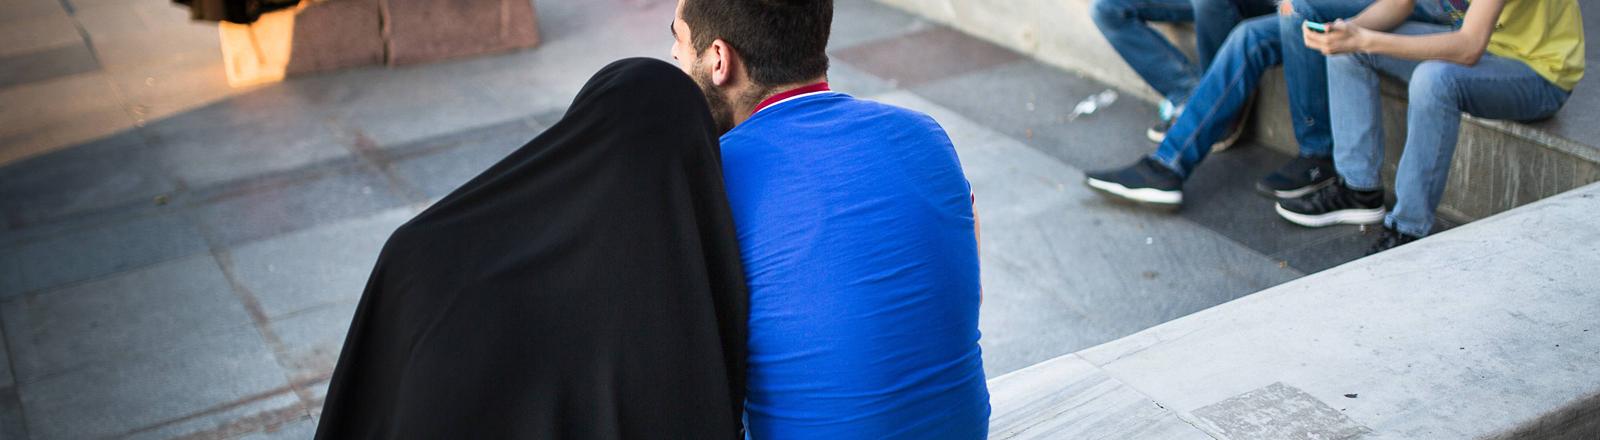 Muslimisches Paar